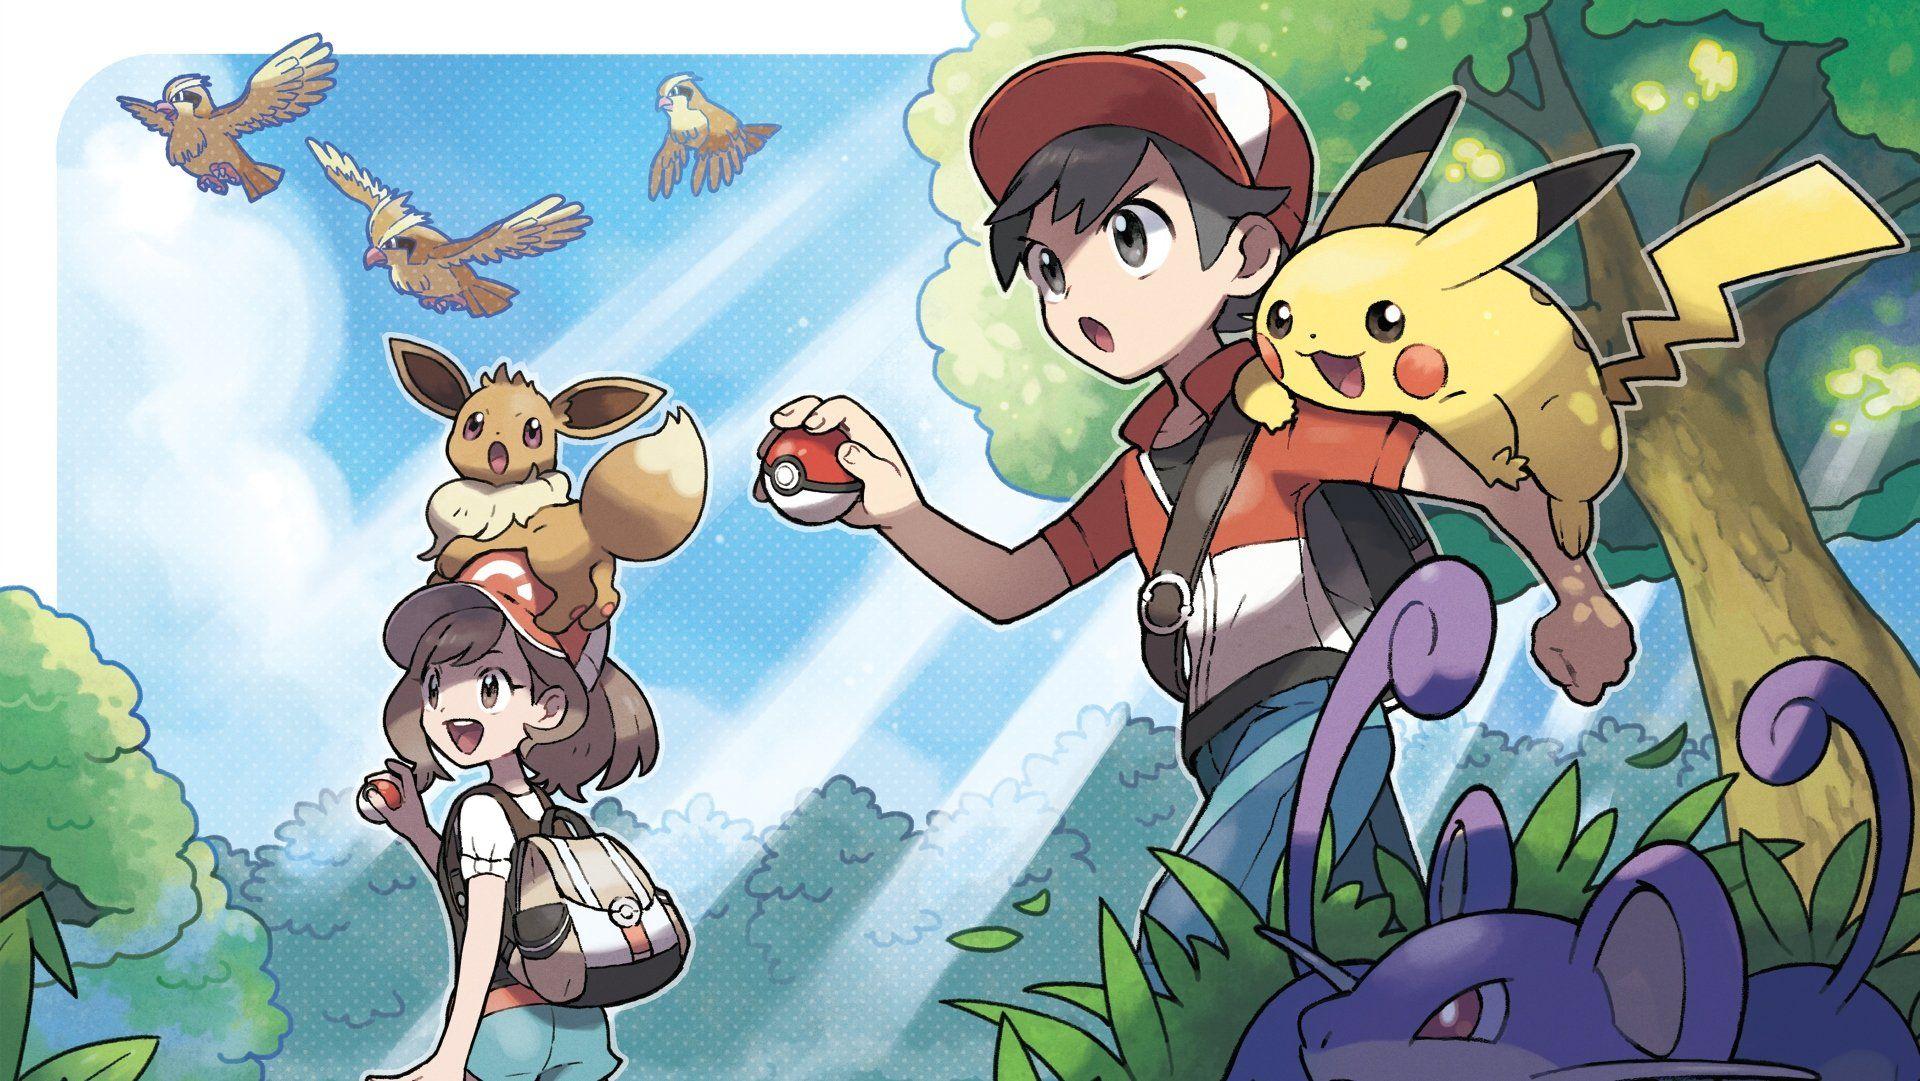 Résultat De Recherche D Images Pour Pokémon Let S Go Pokémon Anime Manga